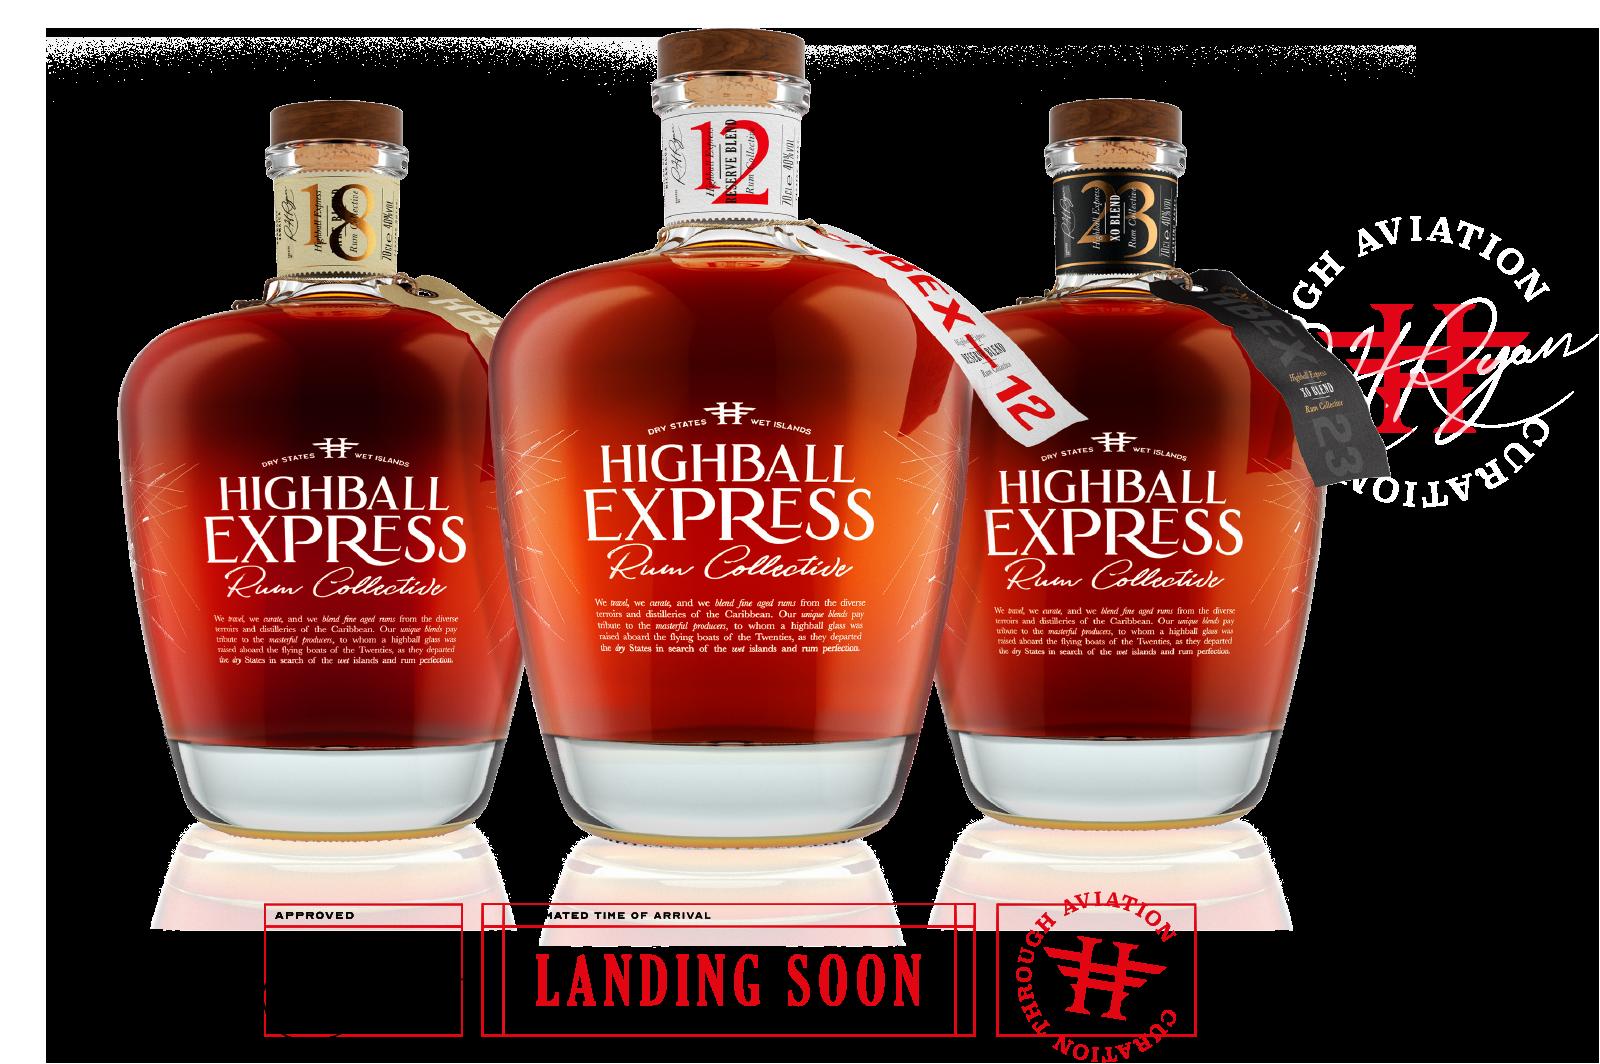 The Highball Express